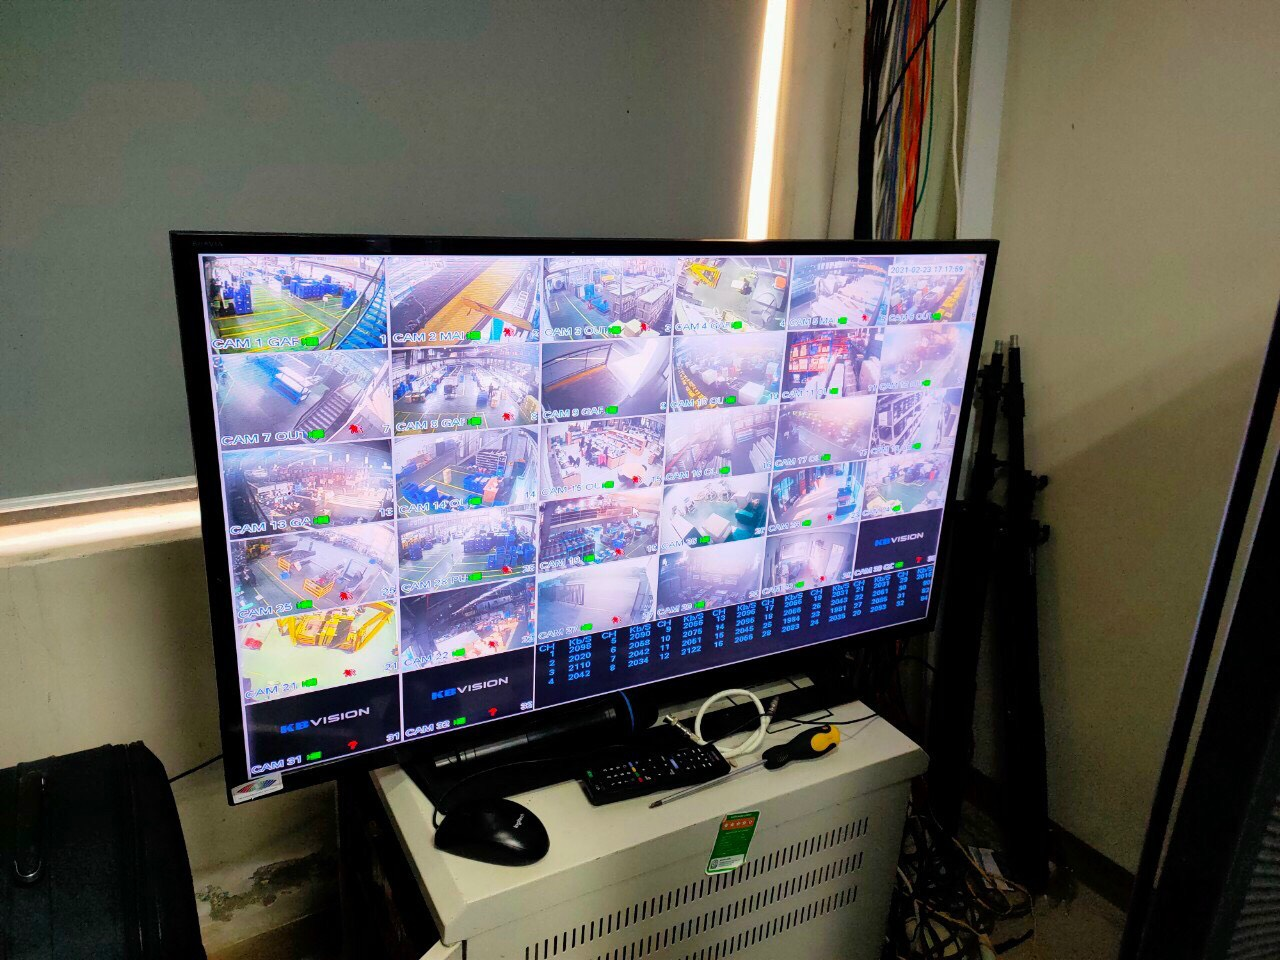 Hệ thống 16 camera kbvision cho nhà xưởng tại khu công nghiệp Vsip II - Bình Dương